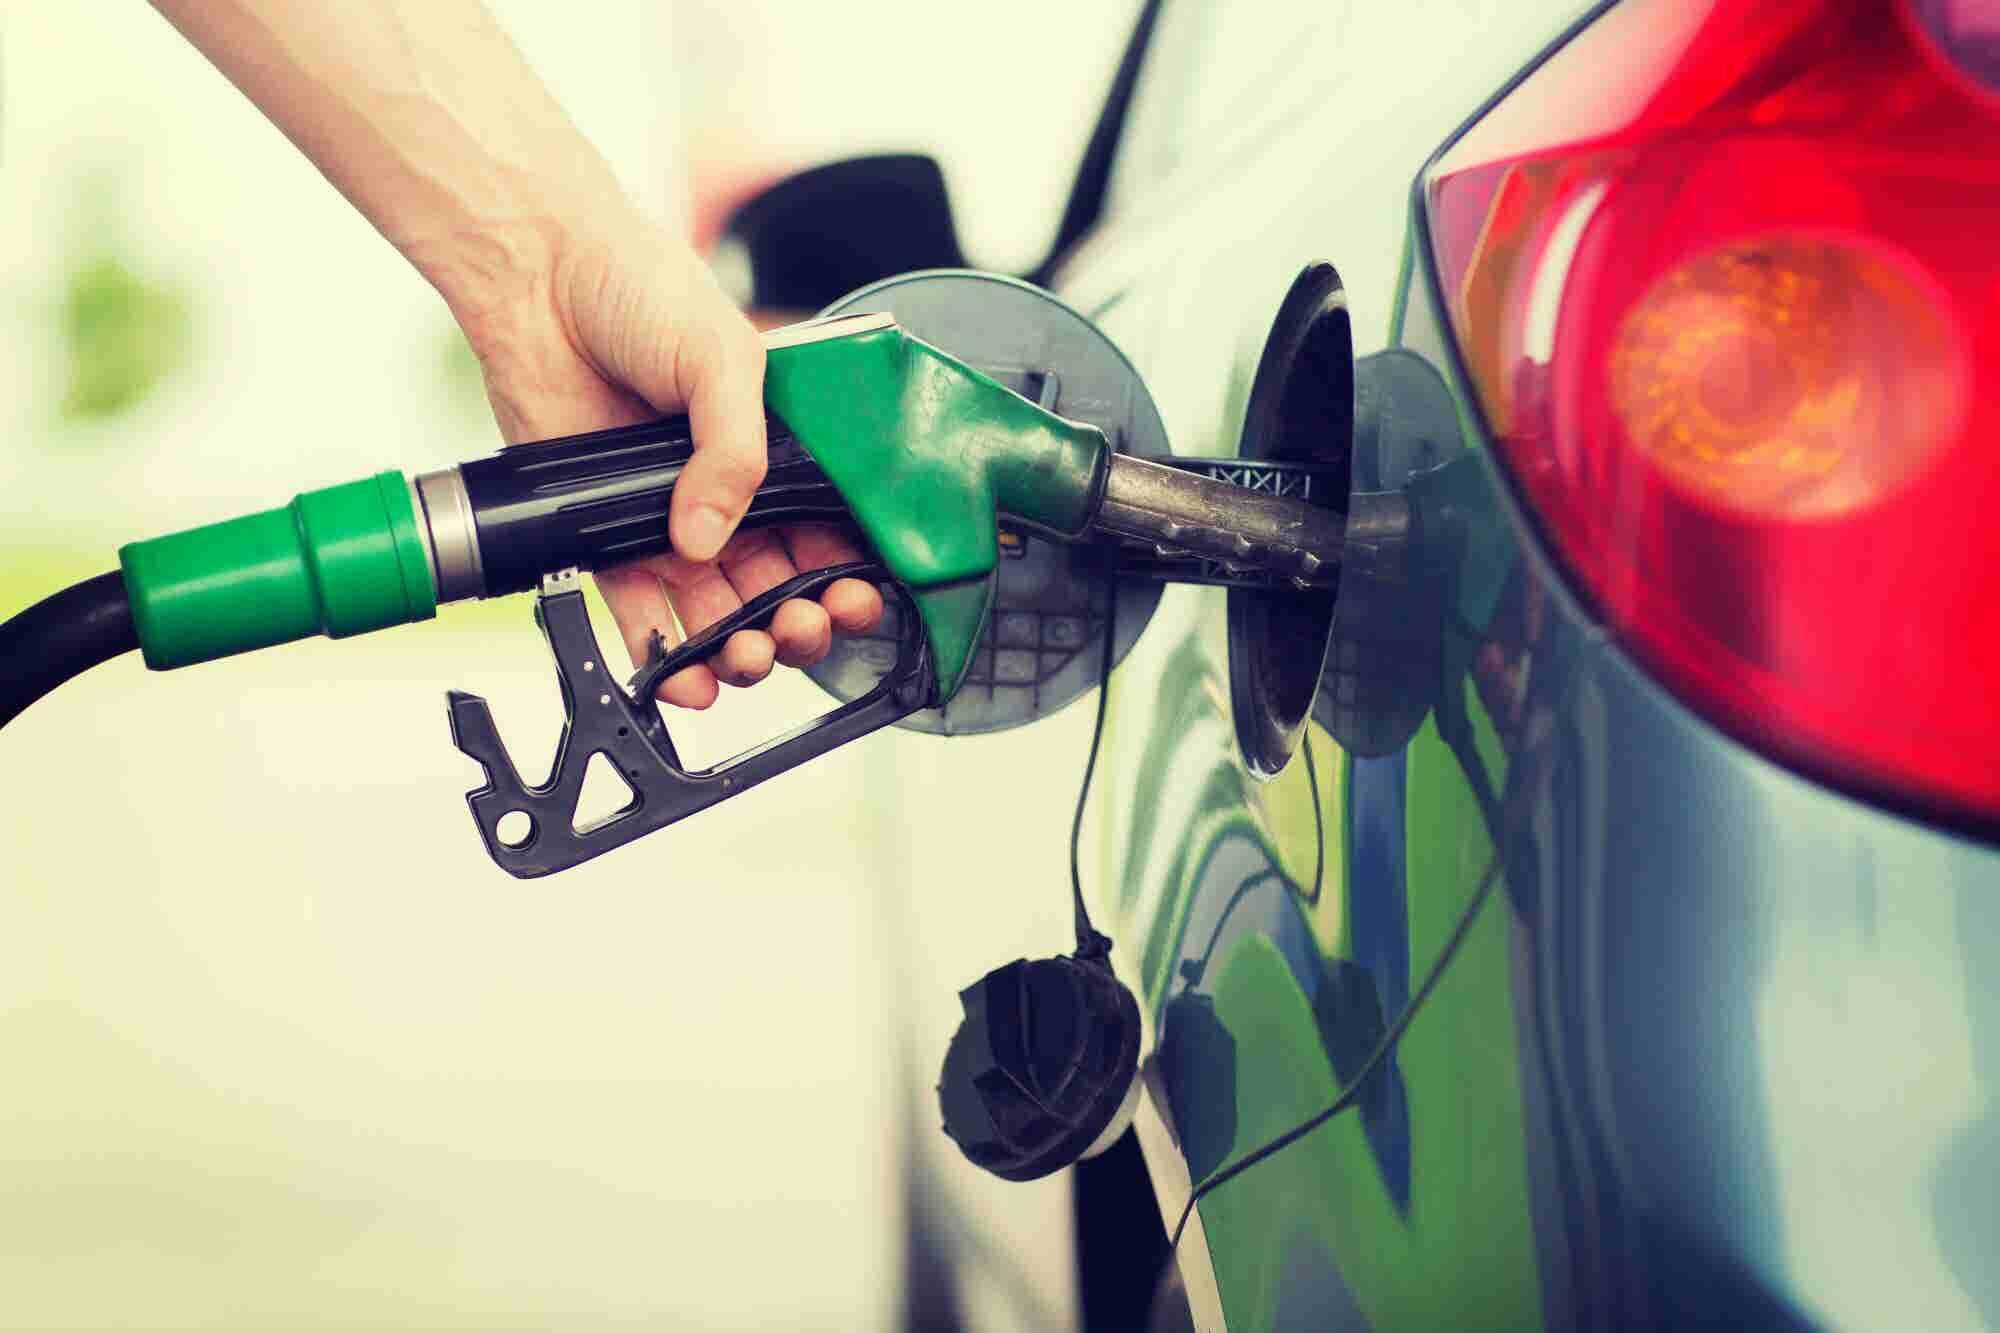 ¿No hay gasolina? 5 emprendimientos que ofrecen una alternativa